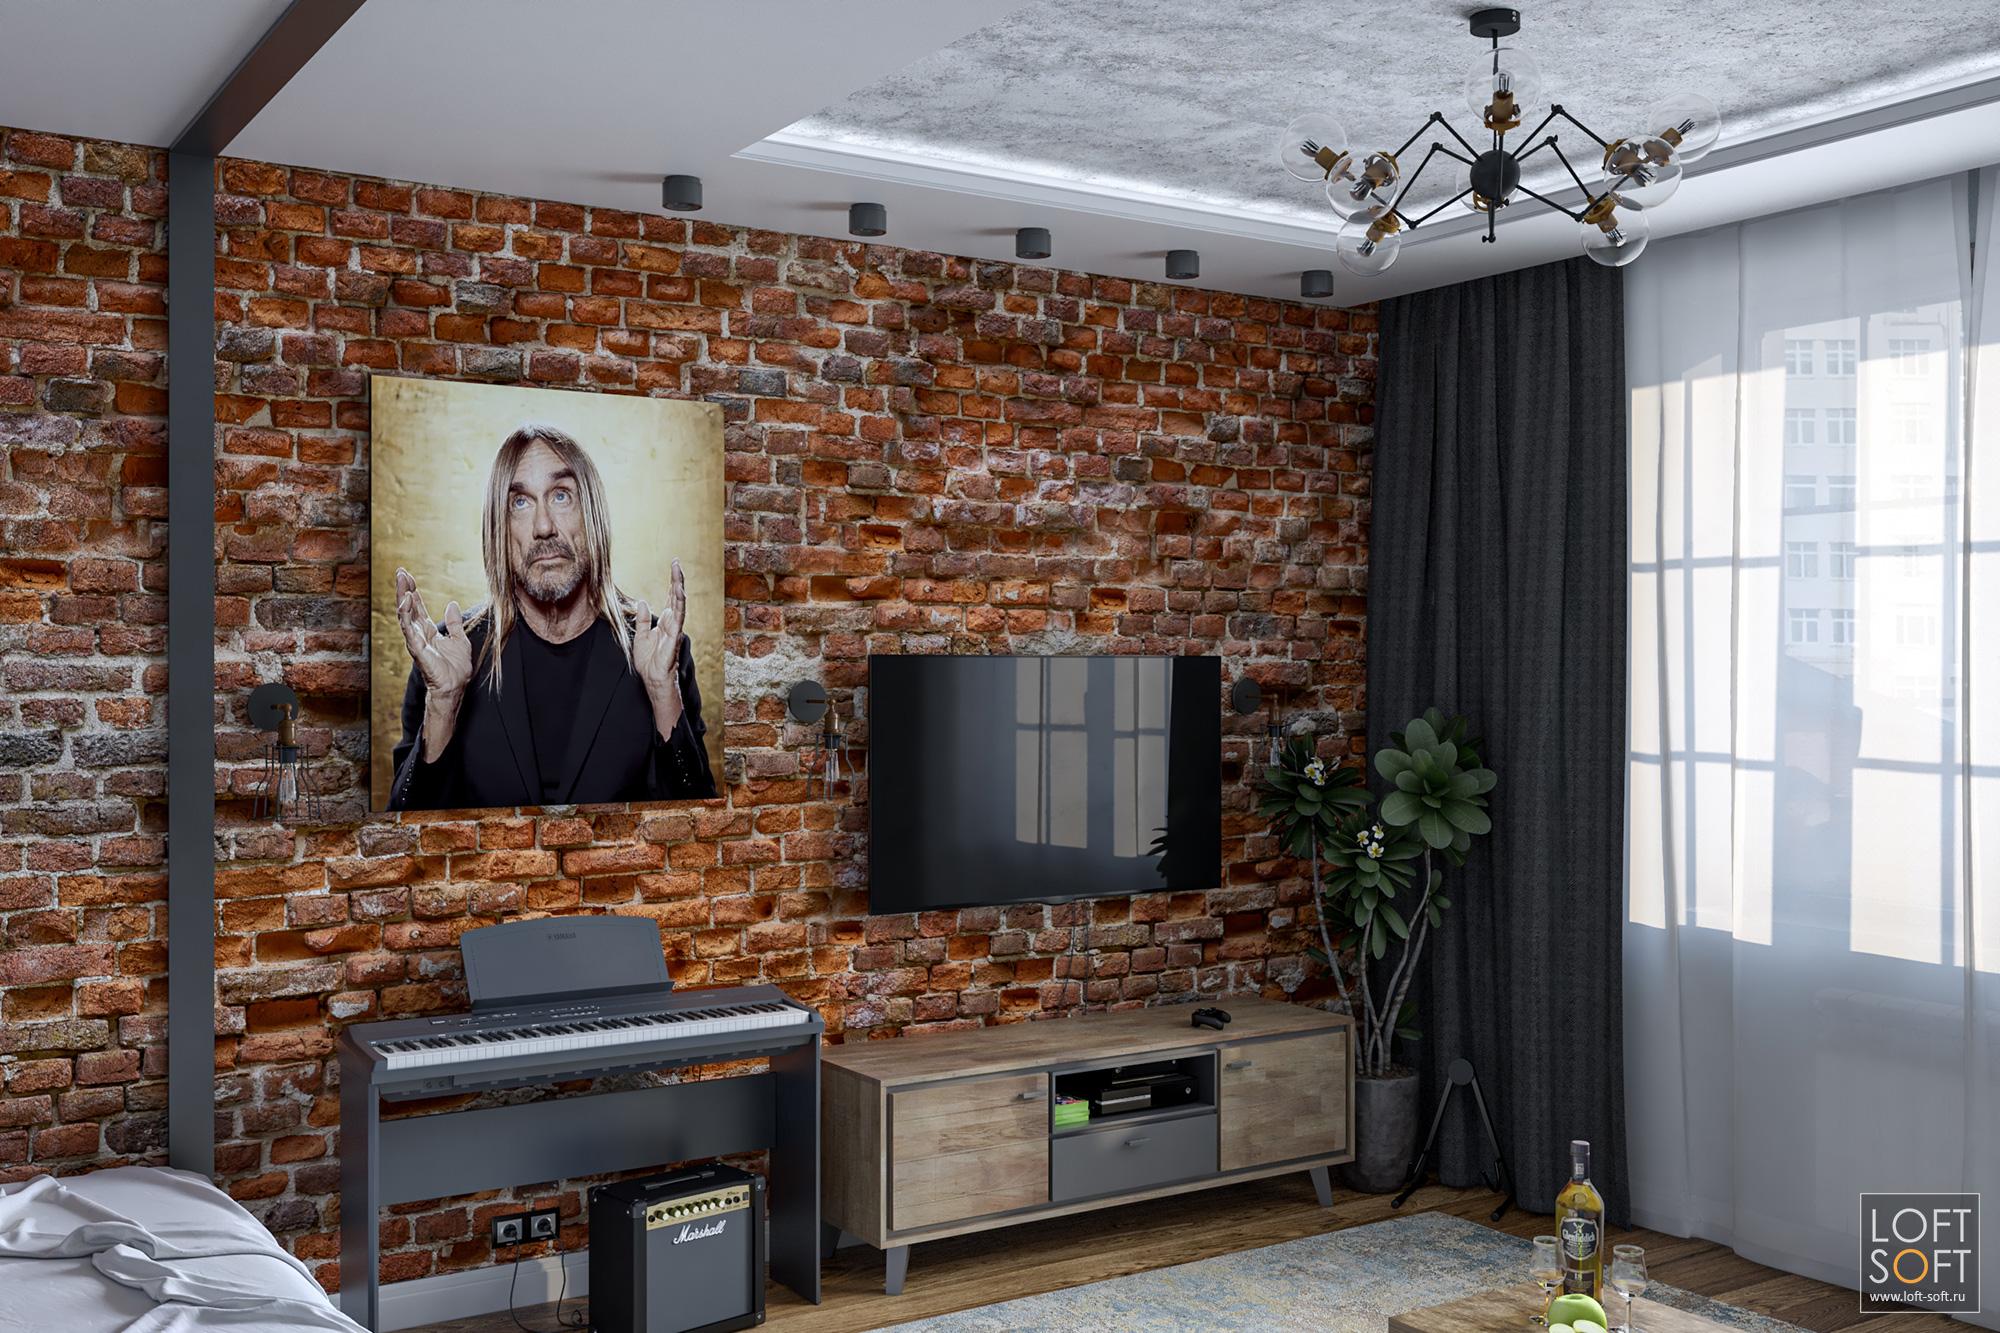 Однушка встиле лофт, кирпичная стена, бетонный потолок ипортрет Игги